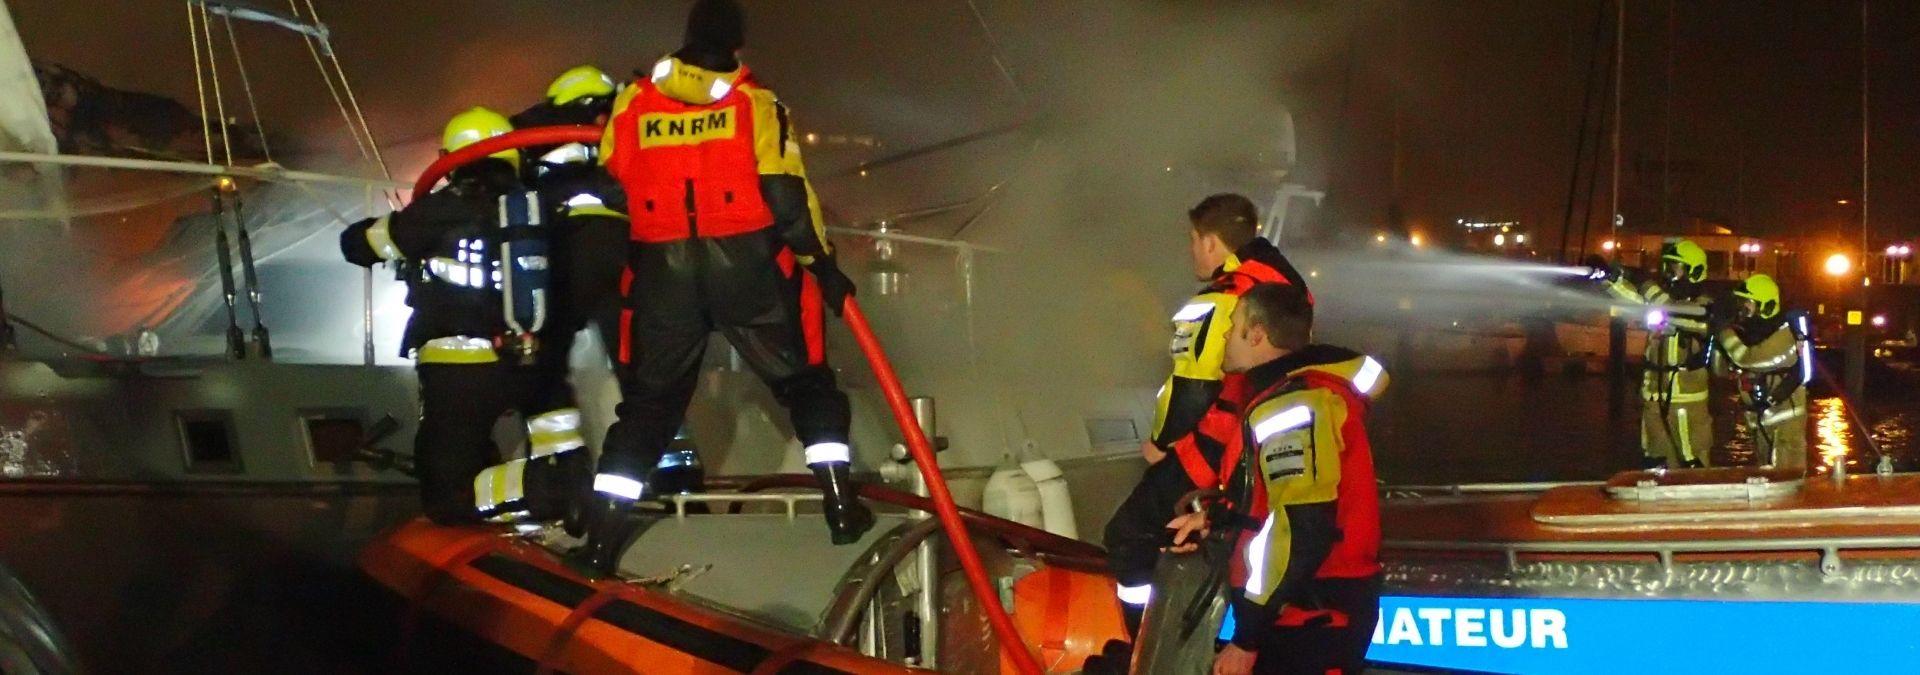 KNRM brand aan boord-redding met brandweer